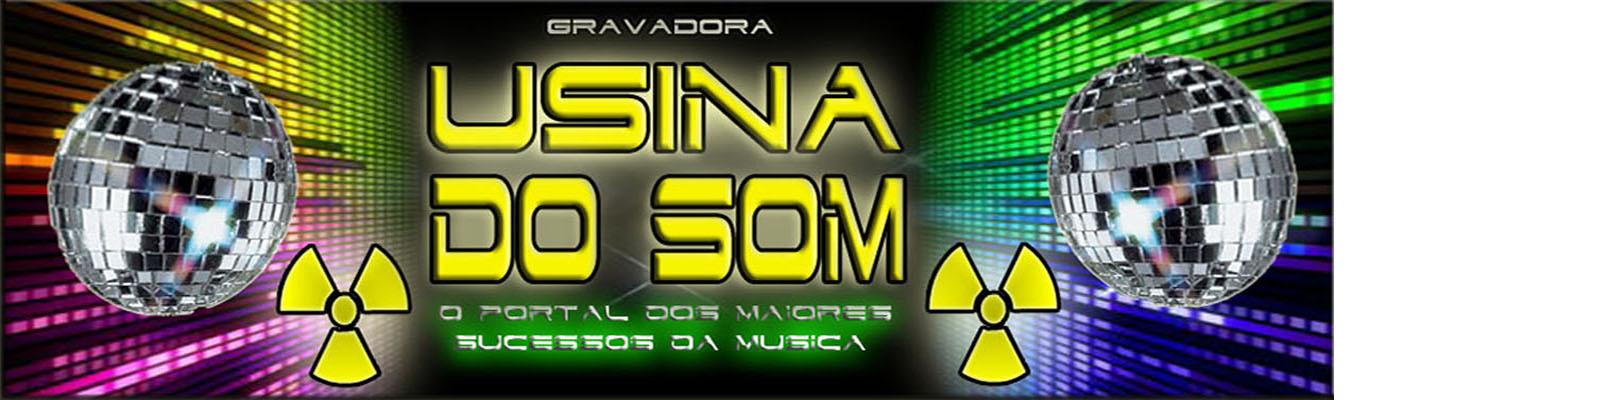 USINA DO SOM